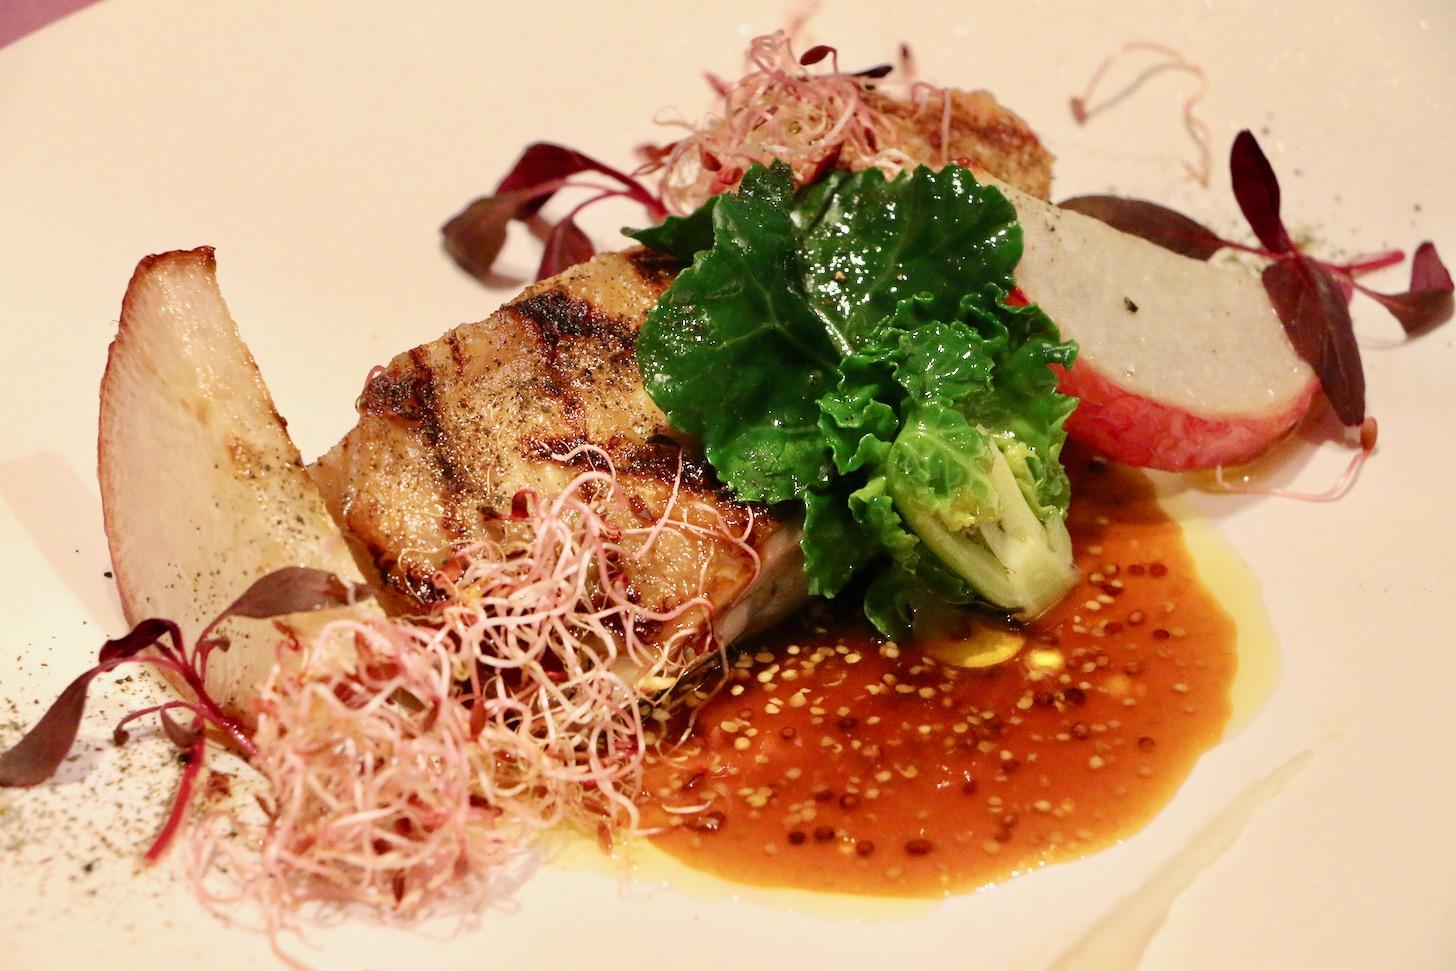 お肉:ホワイティーでマリネした信玄鶏もも肉のグリル 芳醇な香り仕立て